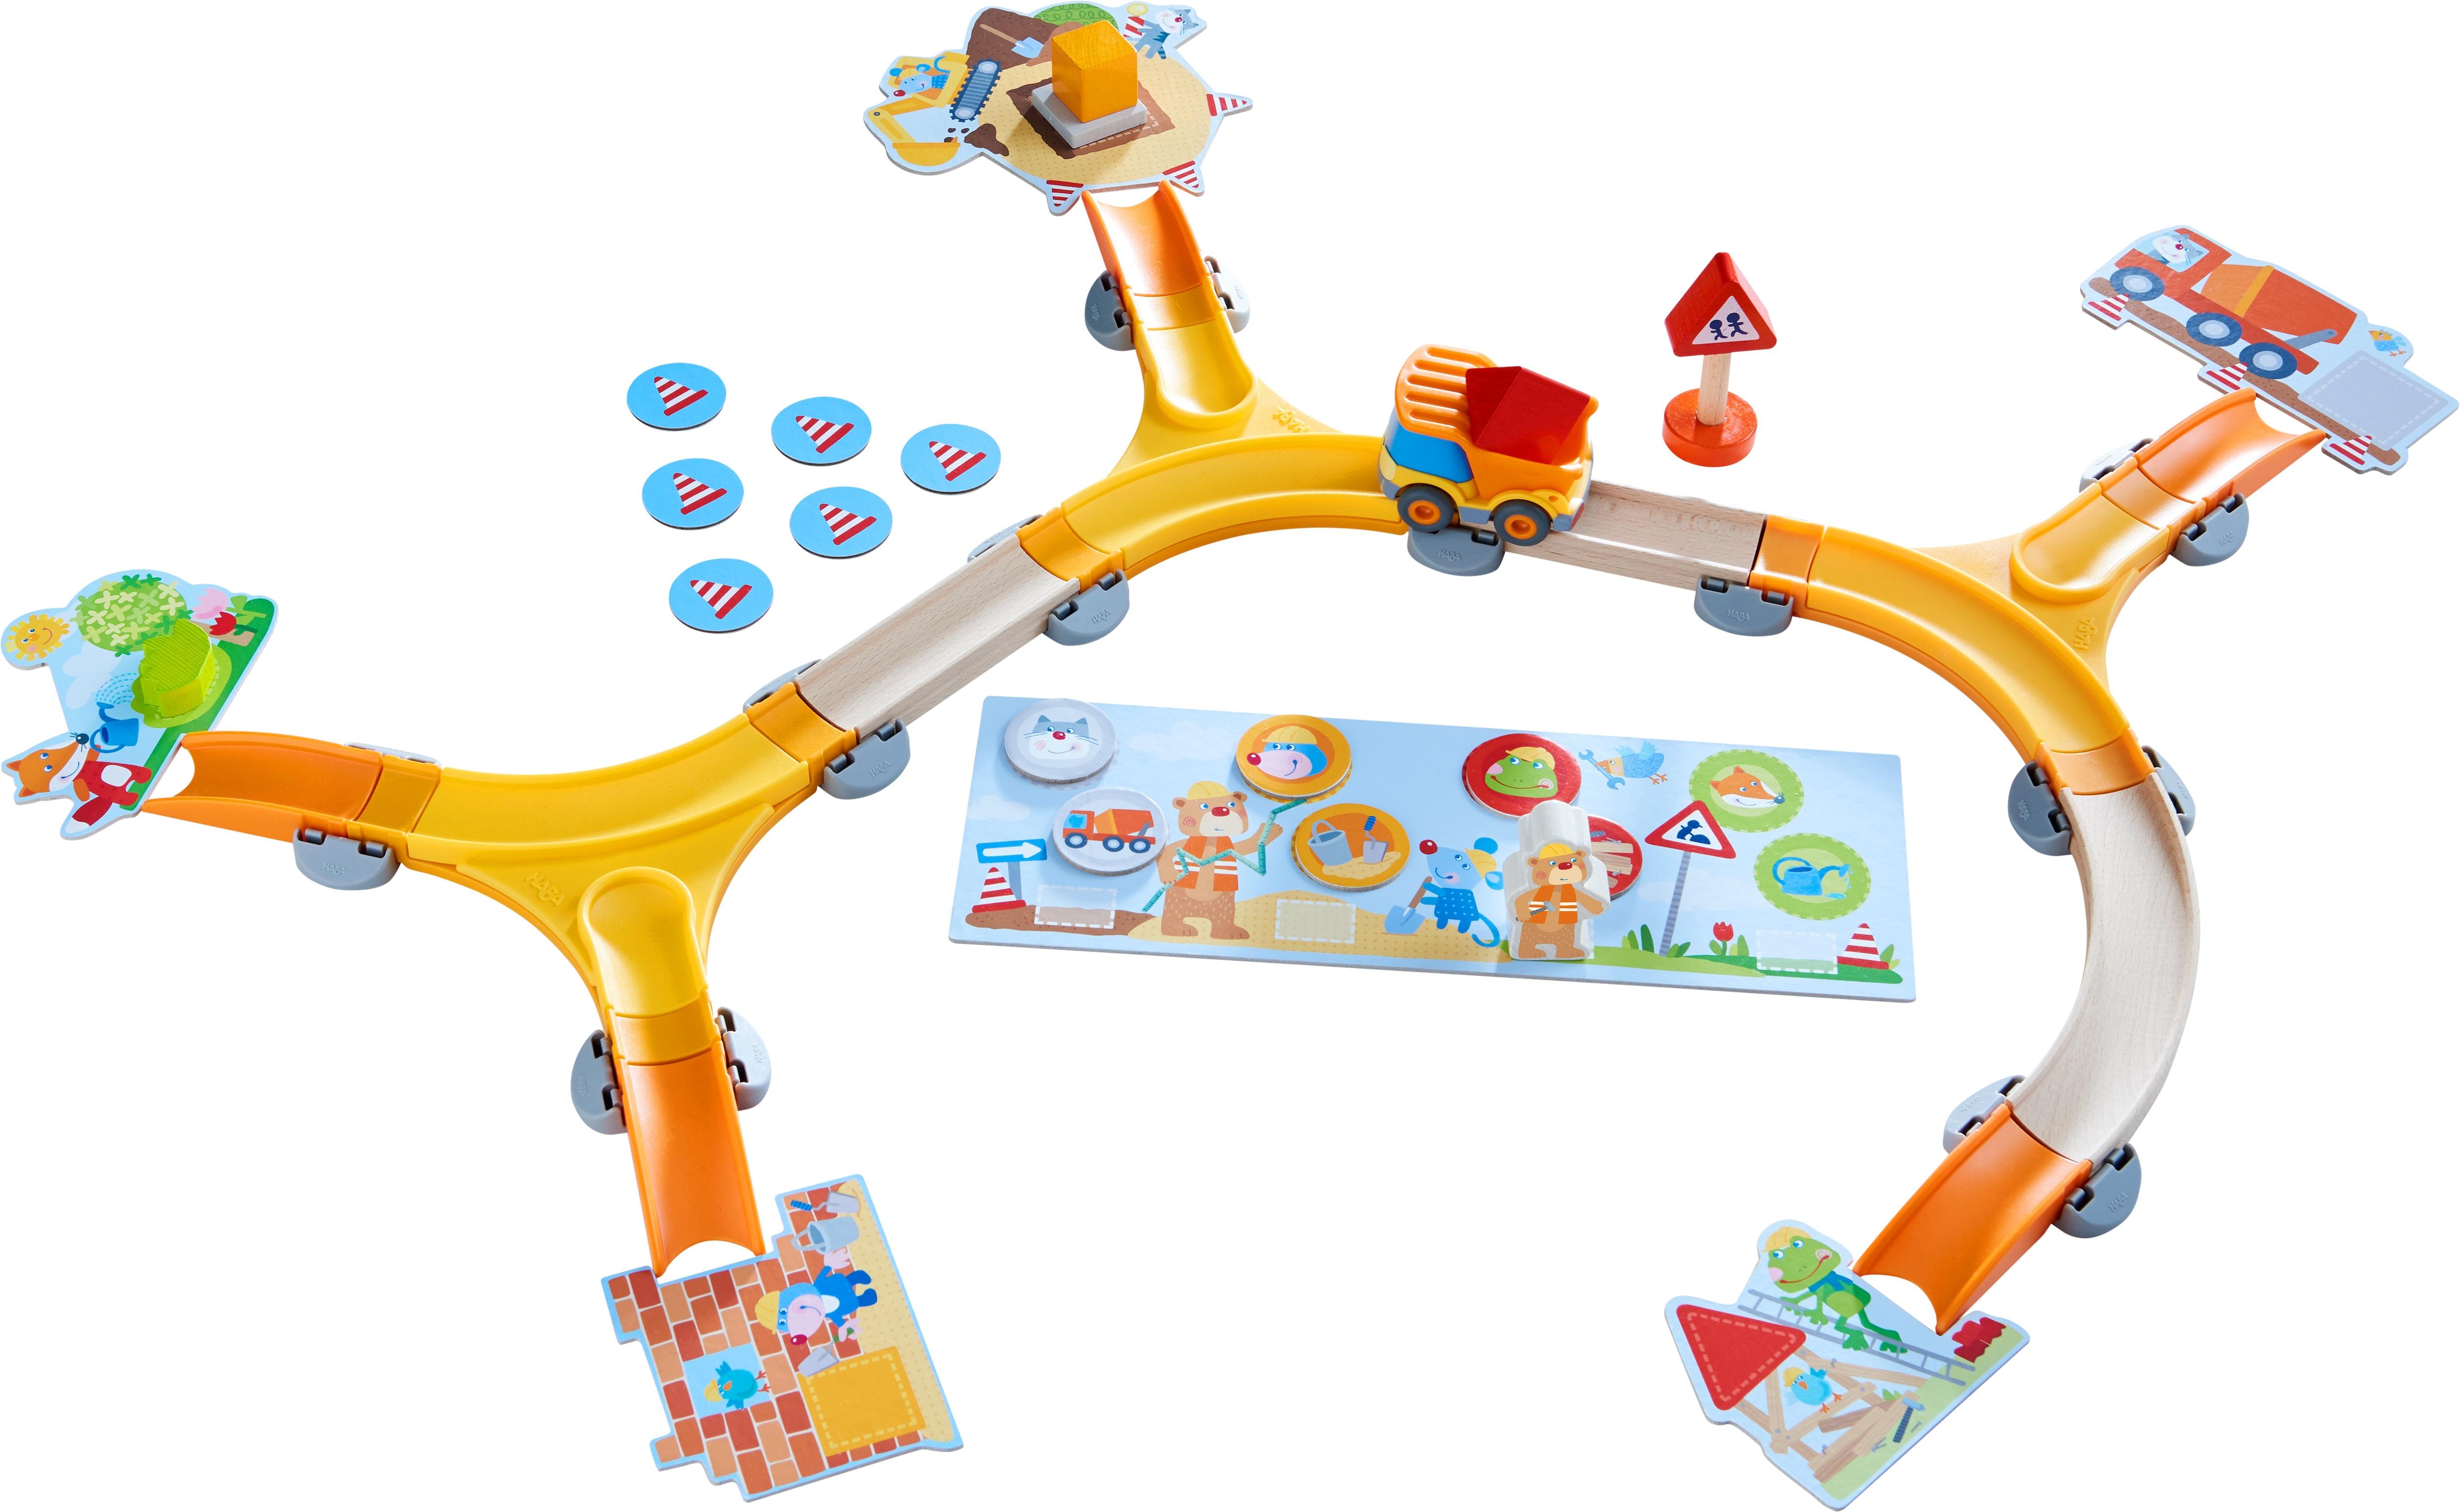 Haba Spiel Meine ersten Spiele - Baustelle, Made in Germany bunt Kinder Holzspielzeug